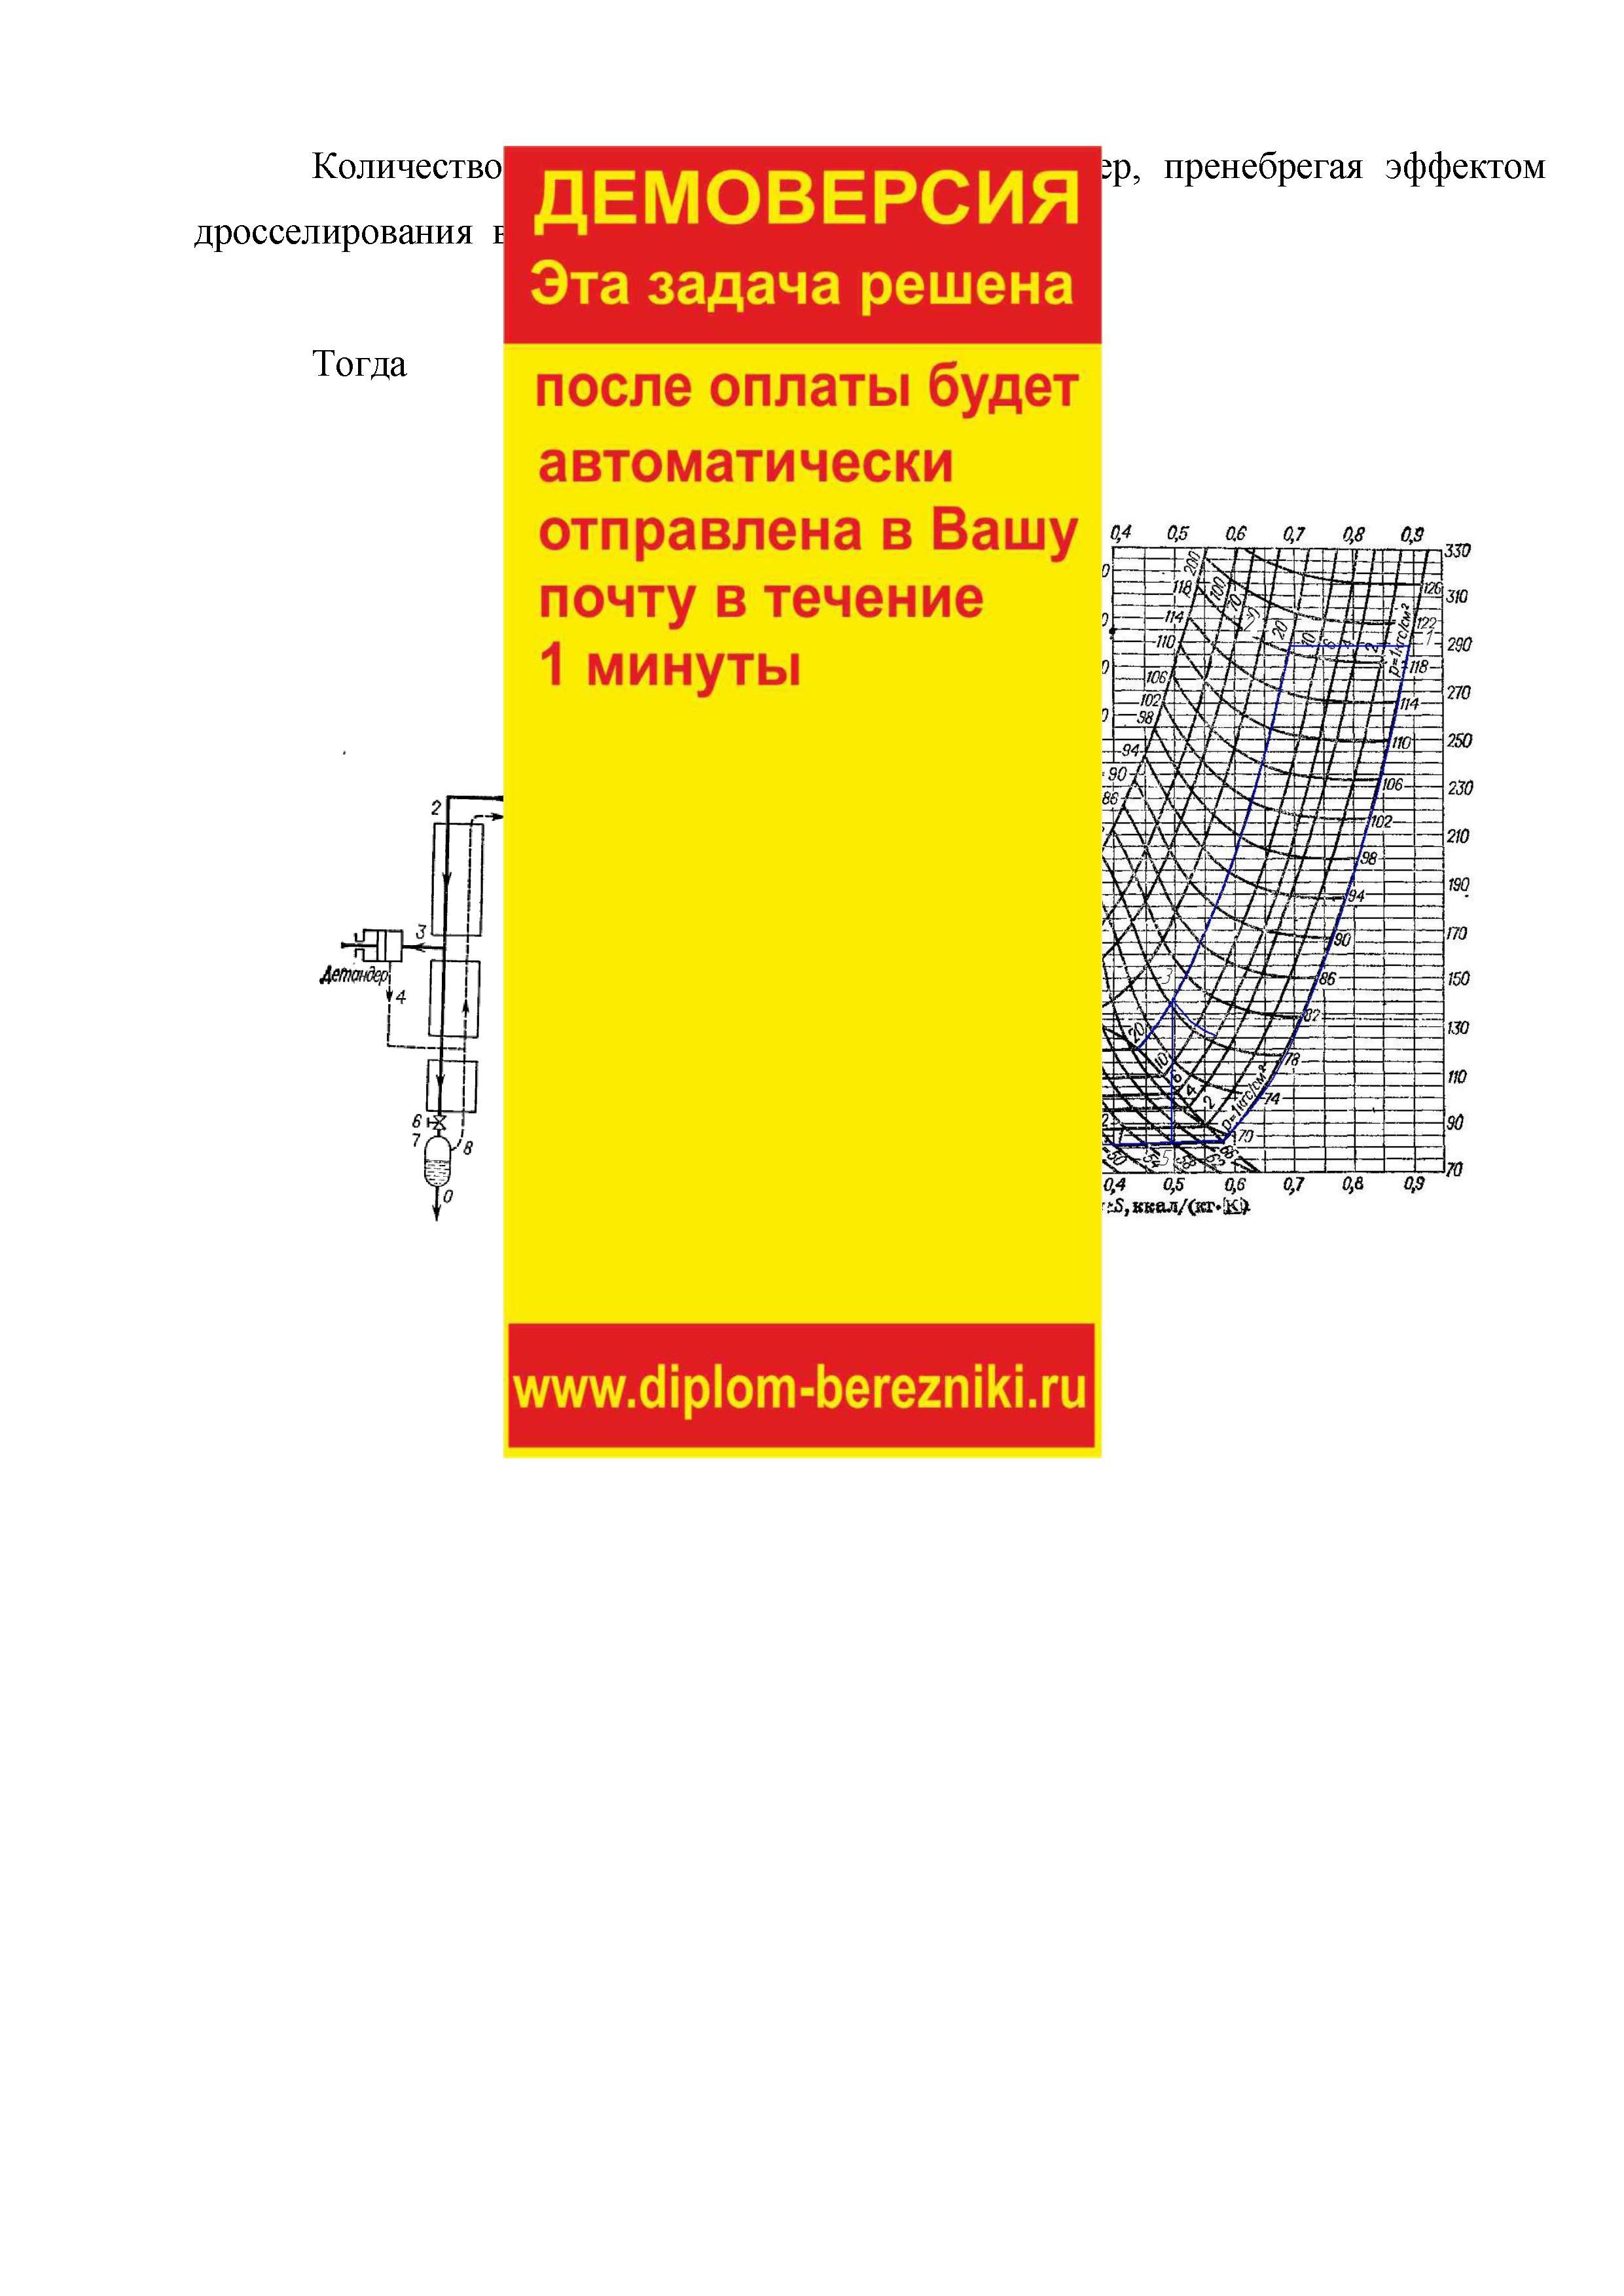 Решение задачи 11.29  по ПАХТ из задачника Павлова Романкова Носкова